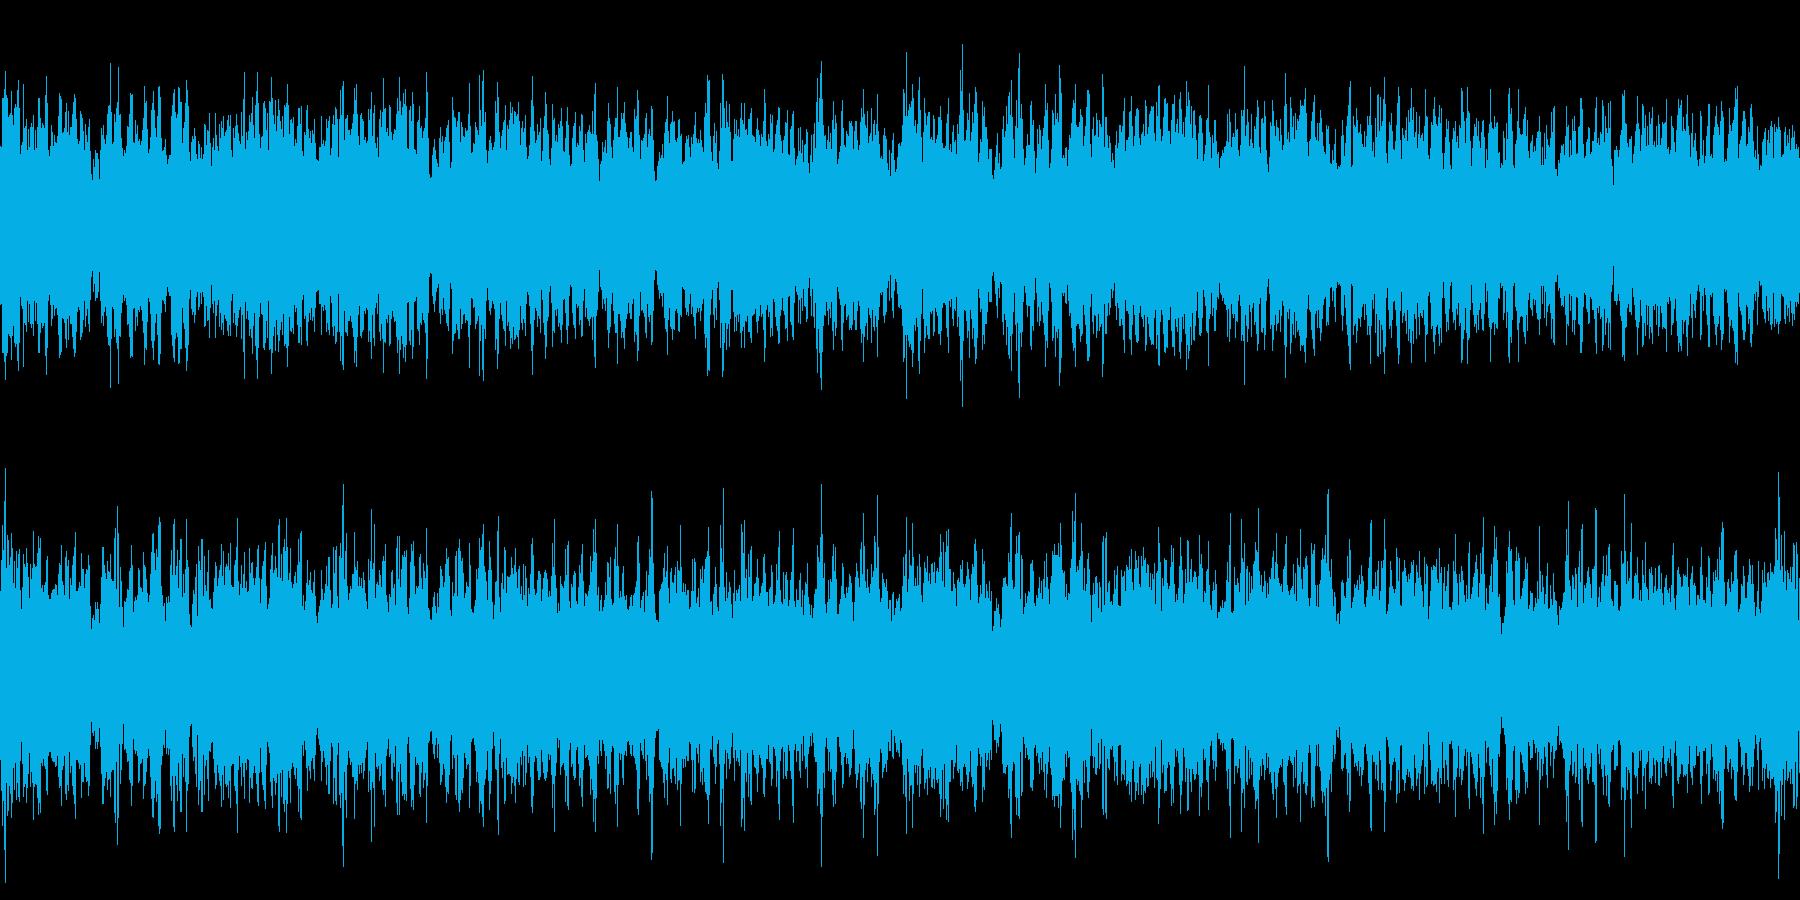 ロープレ城下町用オーケストラの再生済みの波形